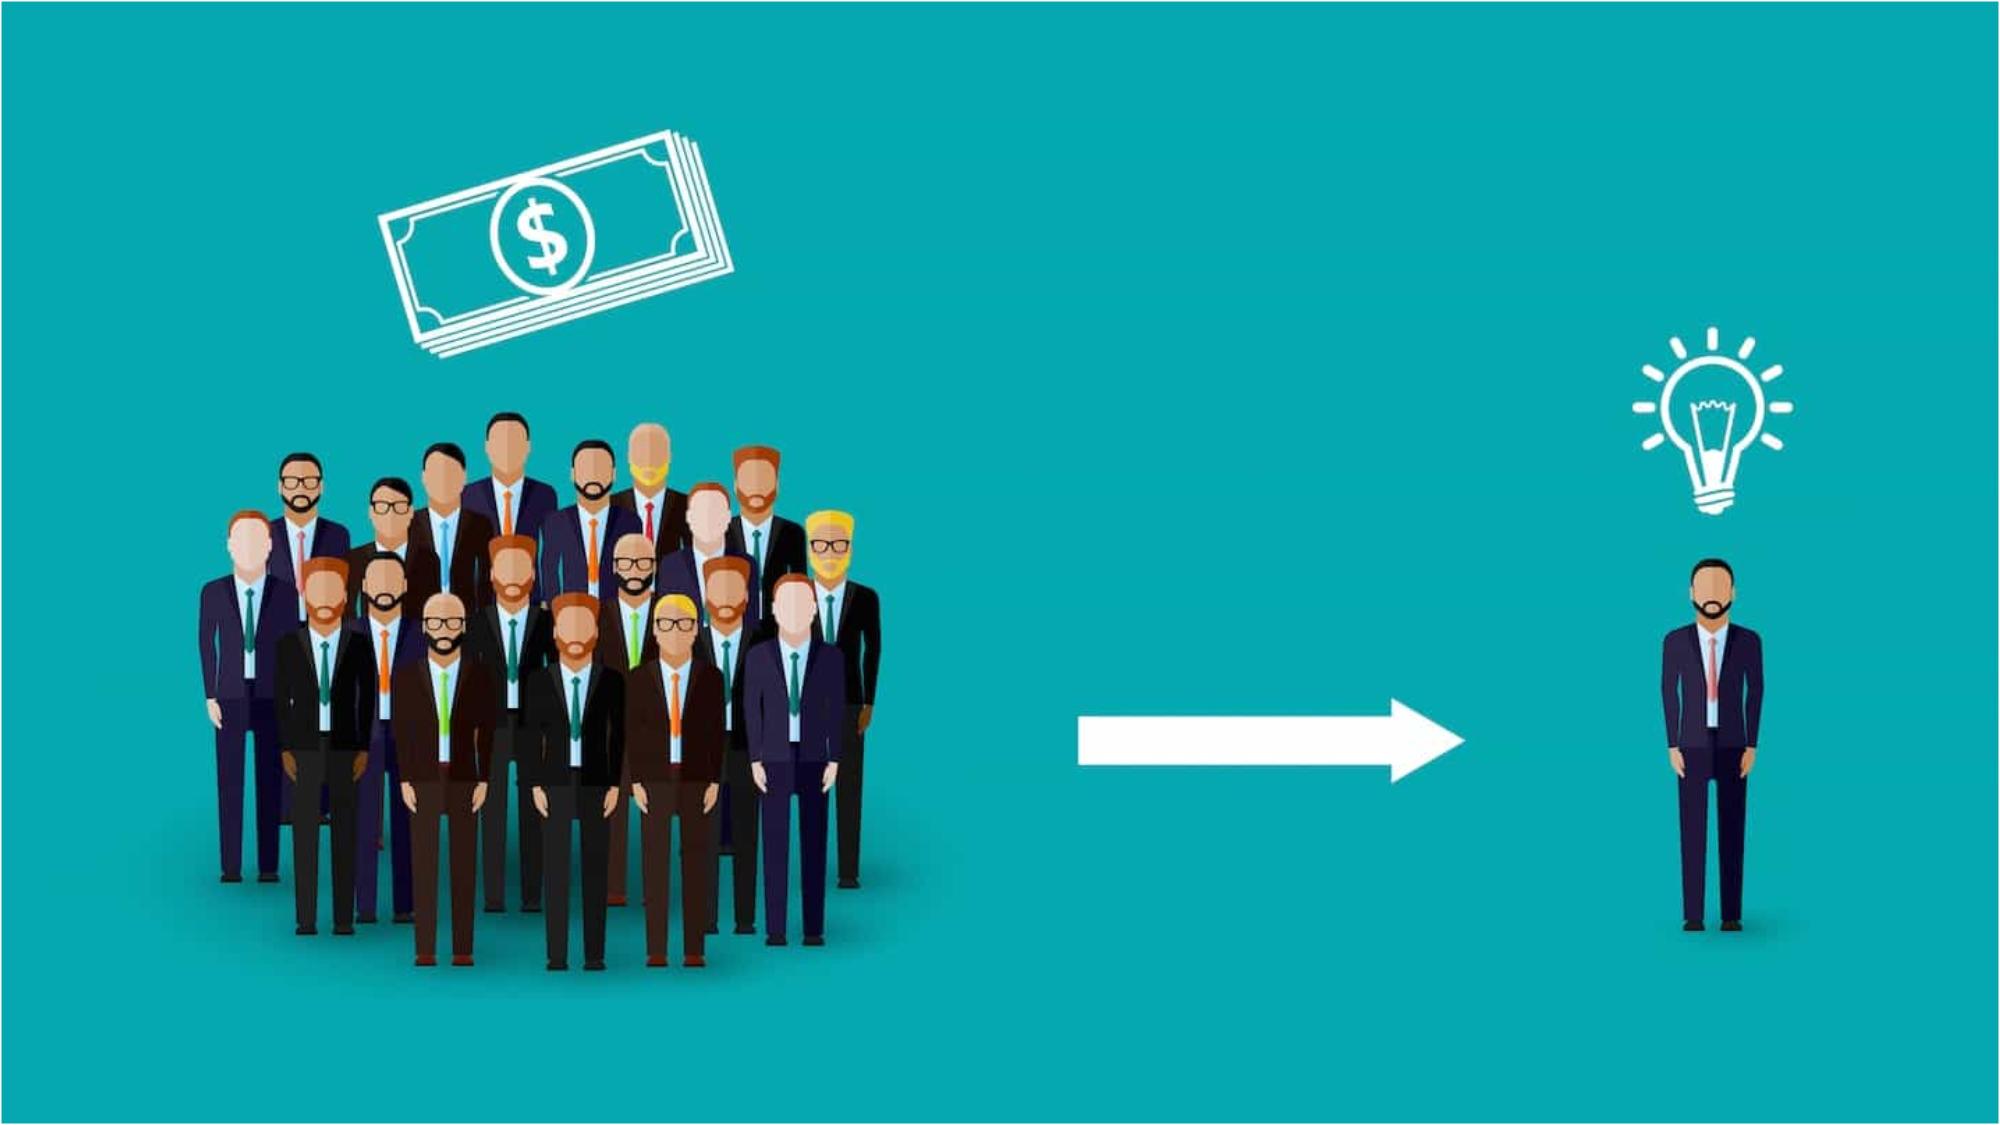 Foto - Como tirar seu negócio do papel com crowdfunding?